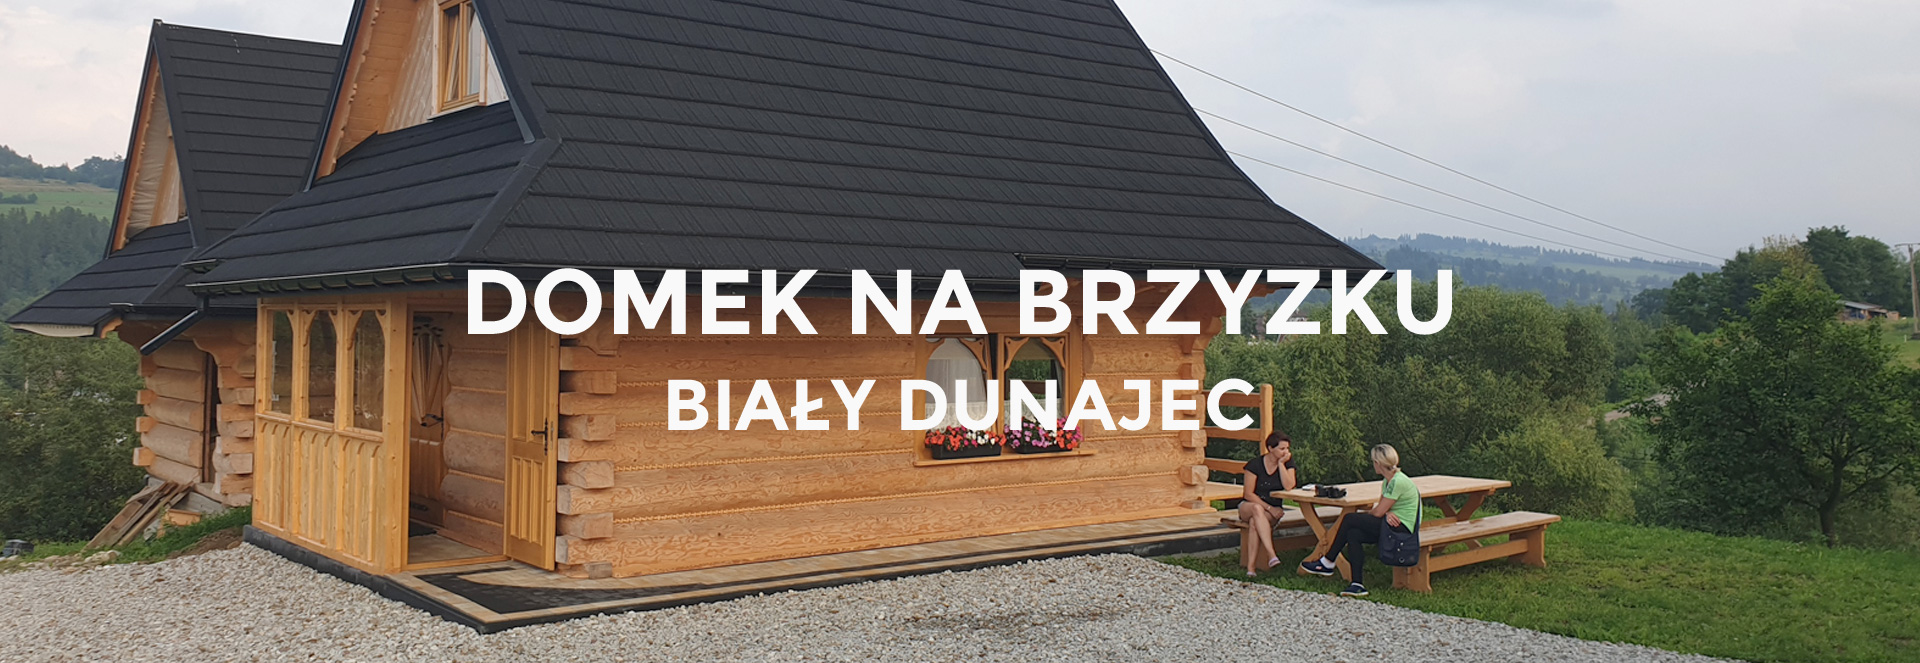 Domek Tatry Biały Dunajec do wynajmu